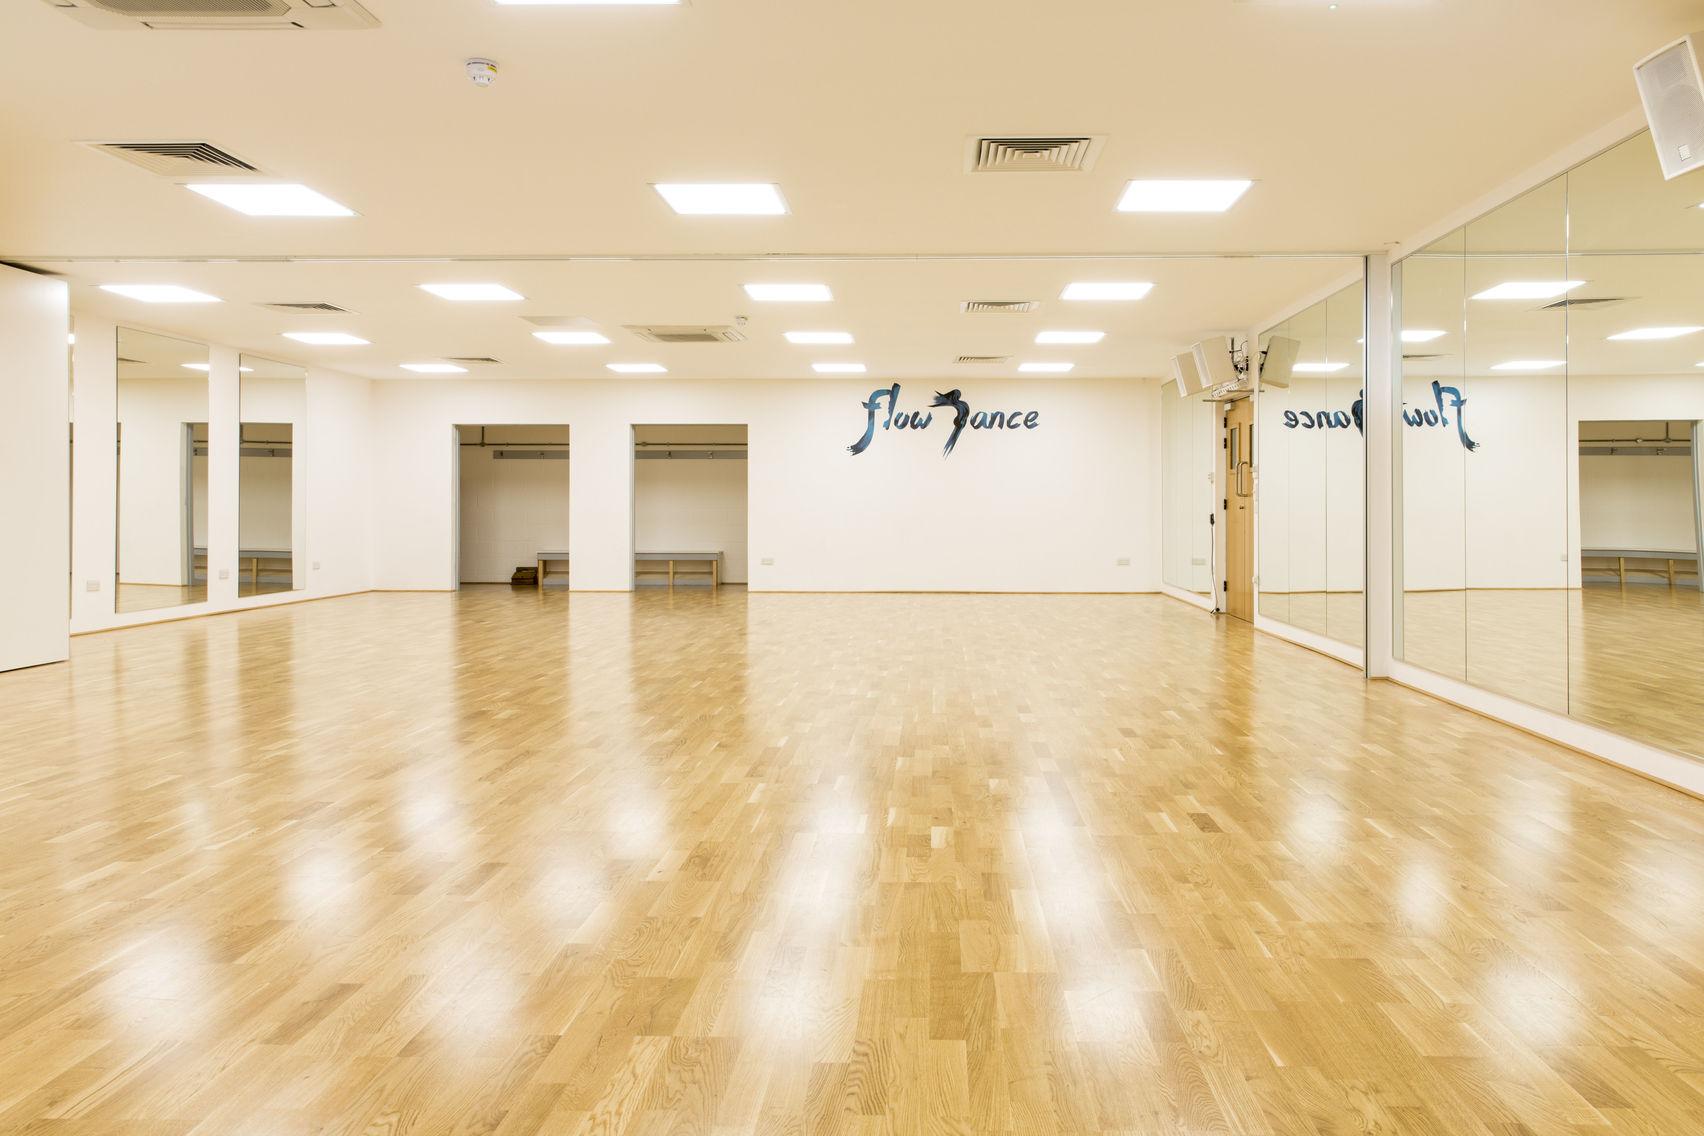 Studio Hire, Flow Dance